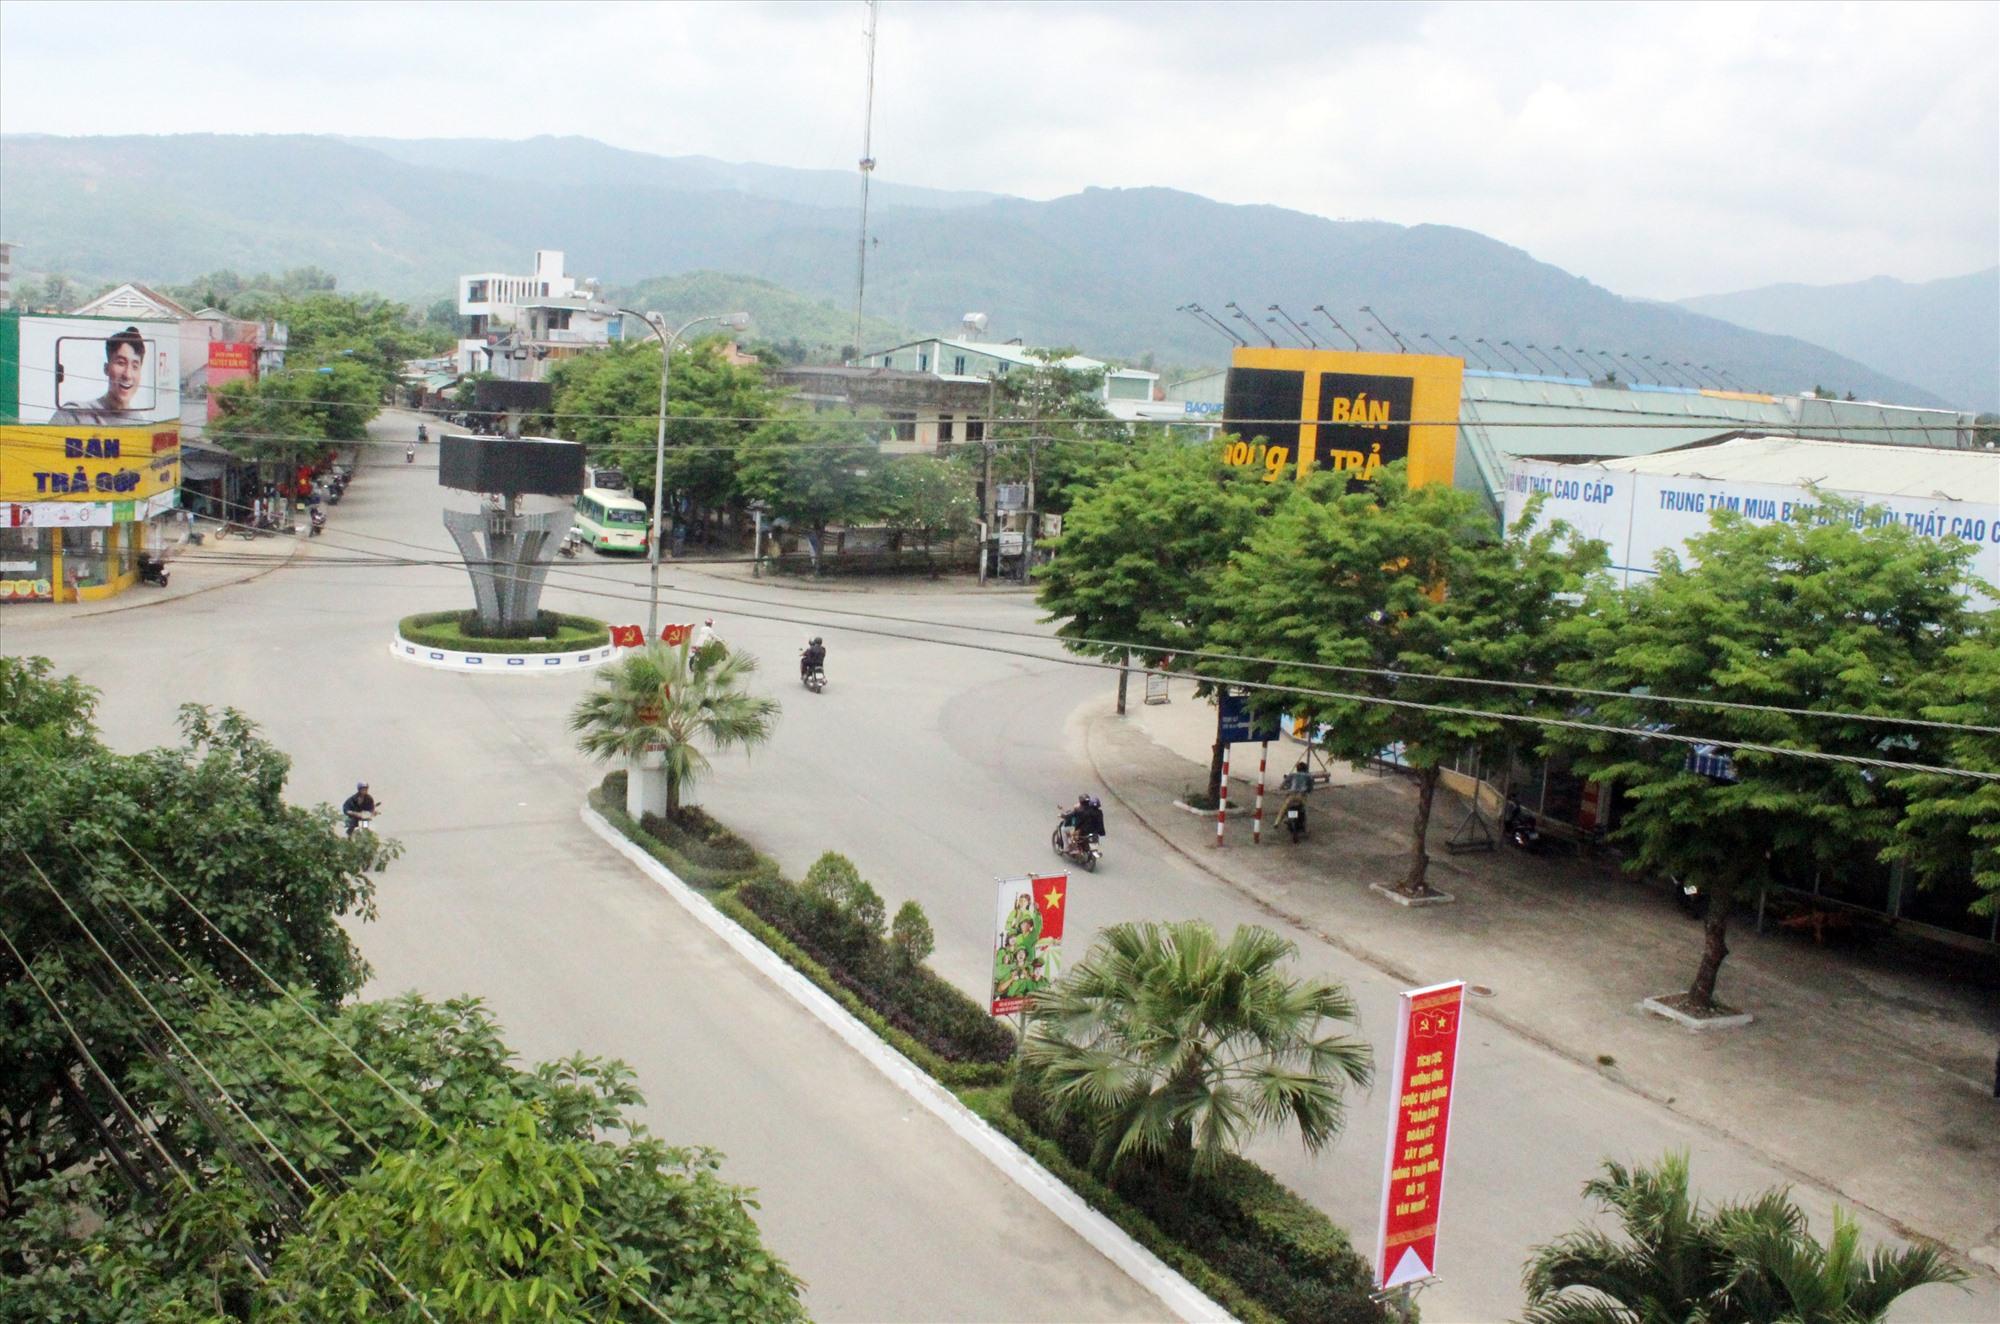 Thị trấn Tiên Kỳ quyết tâm xây dựng đạt chuẩn đô thị văn minh vào năm 2022. Ảnh: D.LỆ